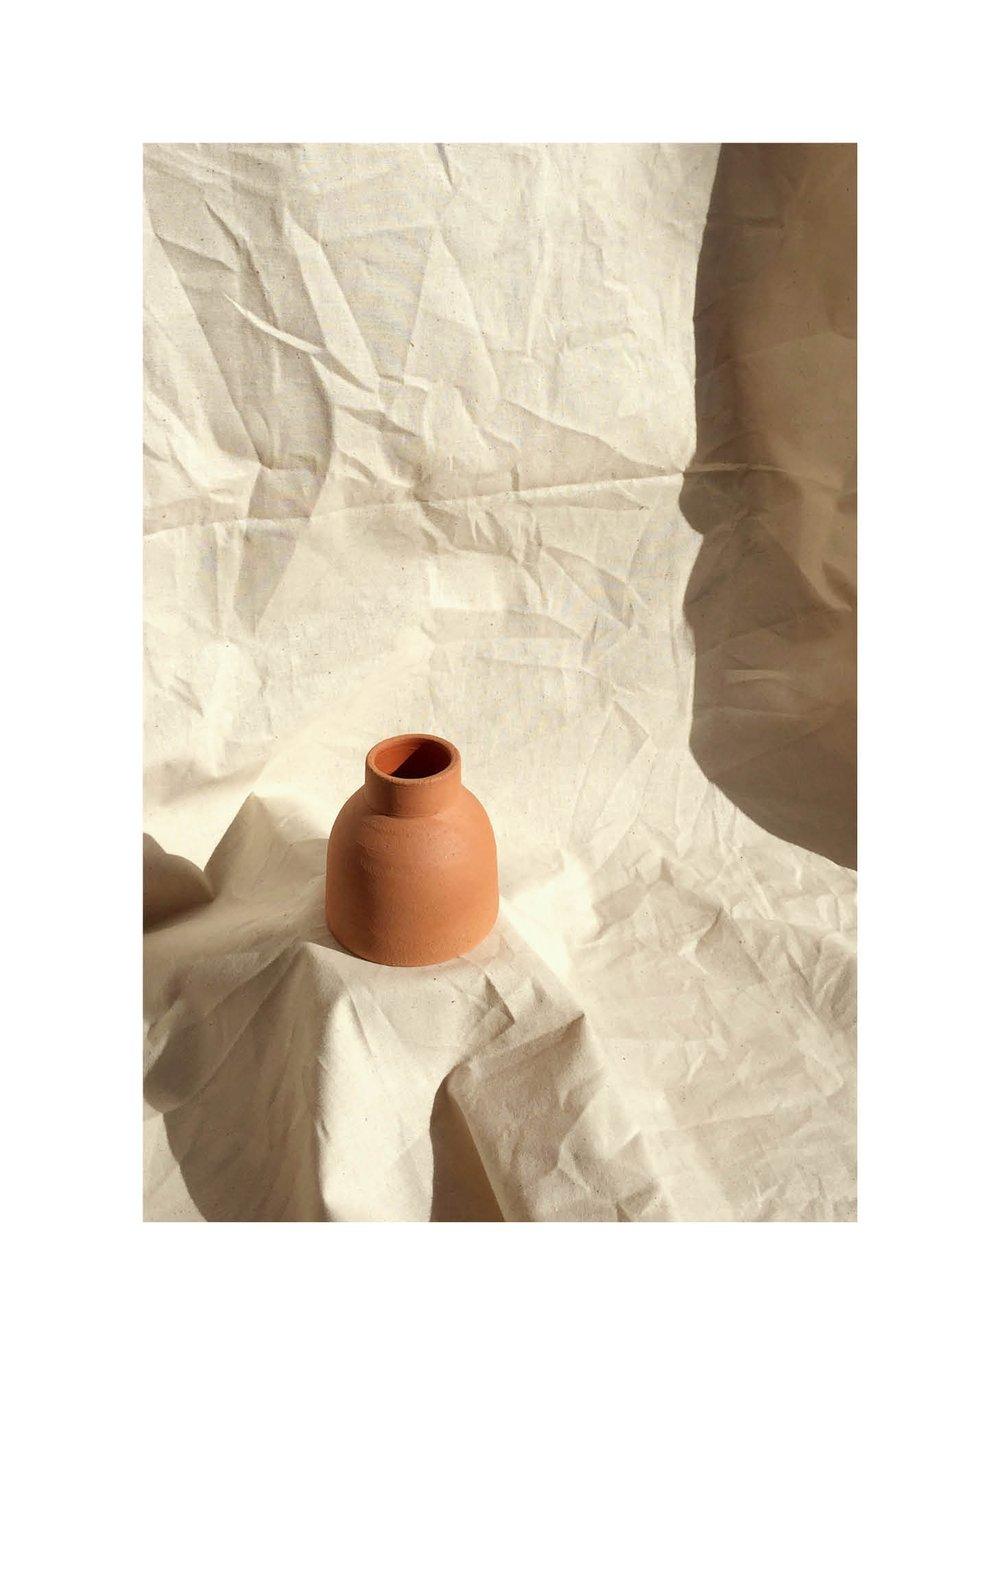 Image of Little Terracotta Vase